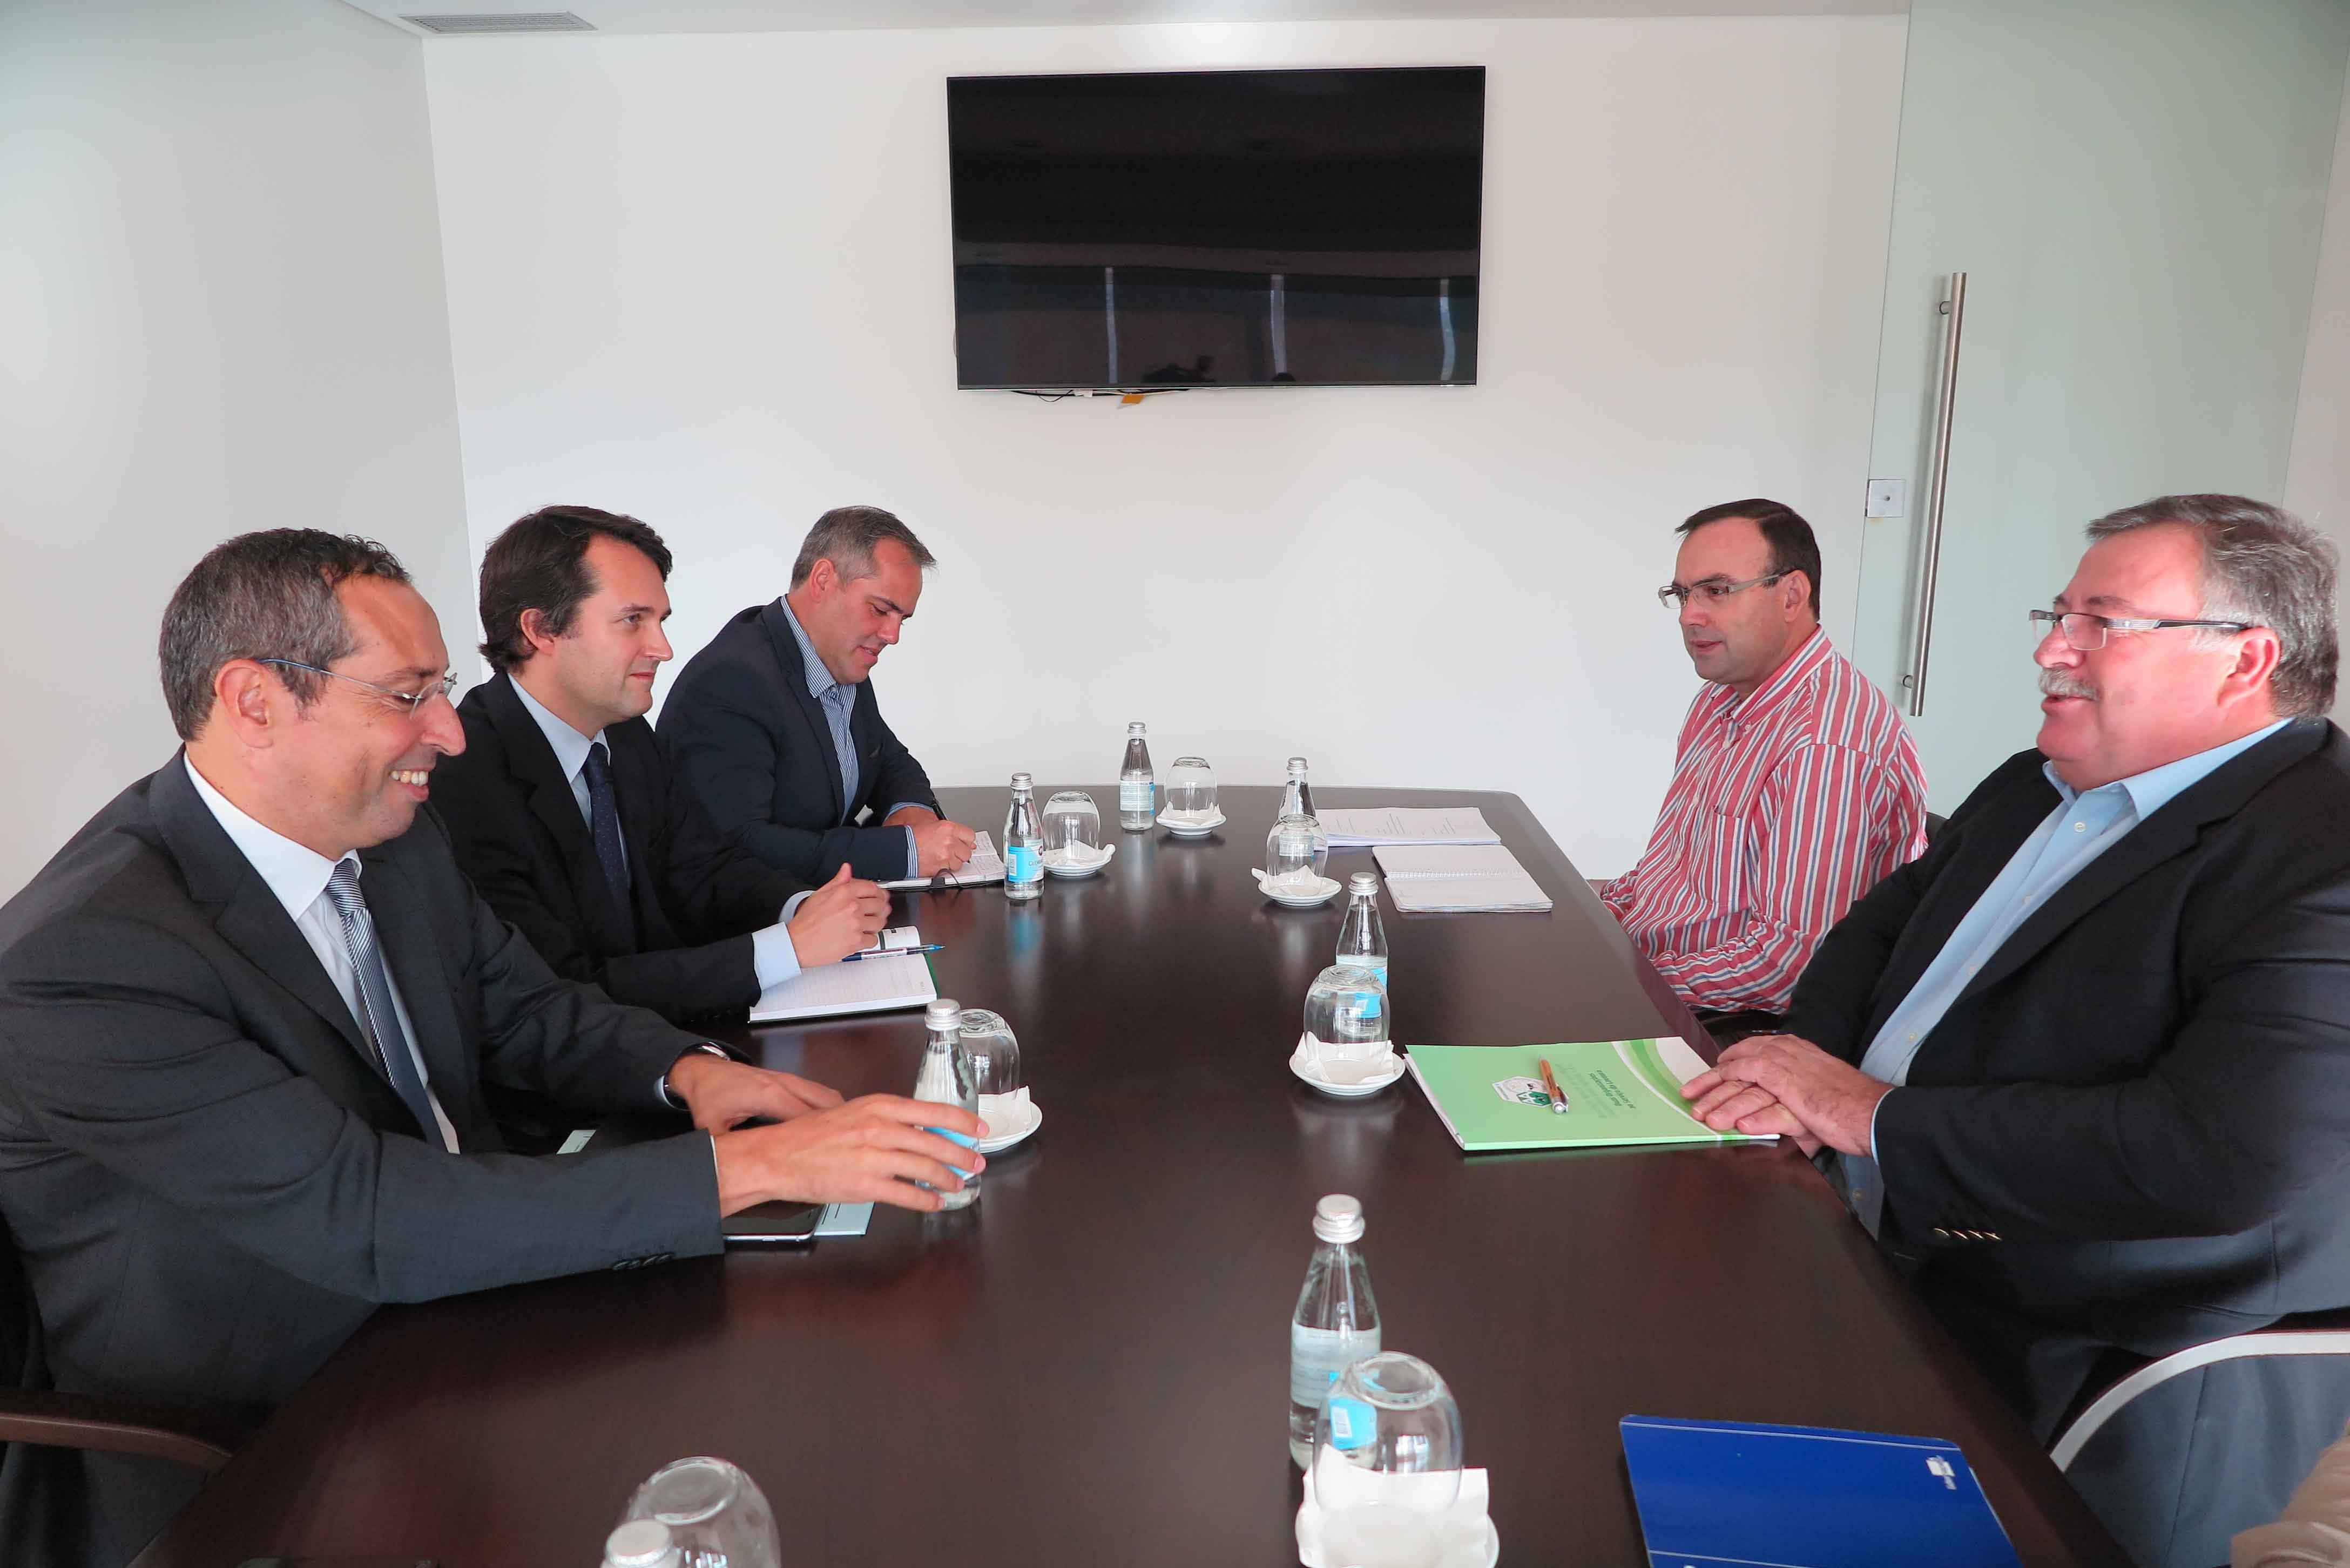 Governo dos Açores vai trabalhar em colaboração com as associações para o desenvolvimento do setor agrícola, afirma João Ponte